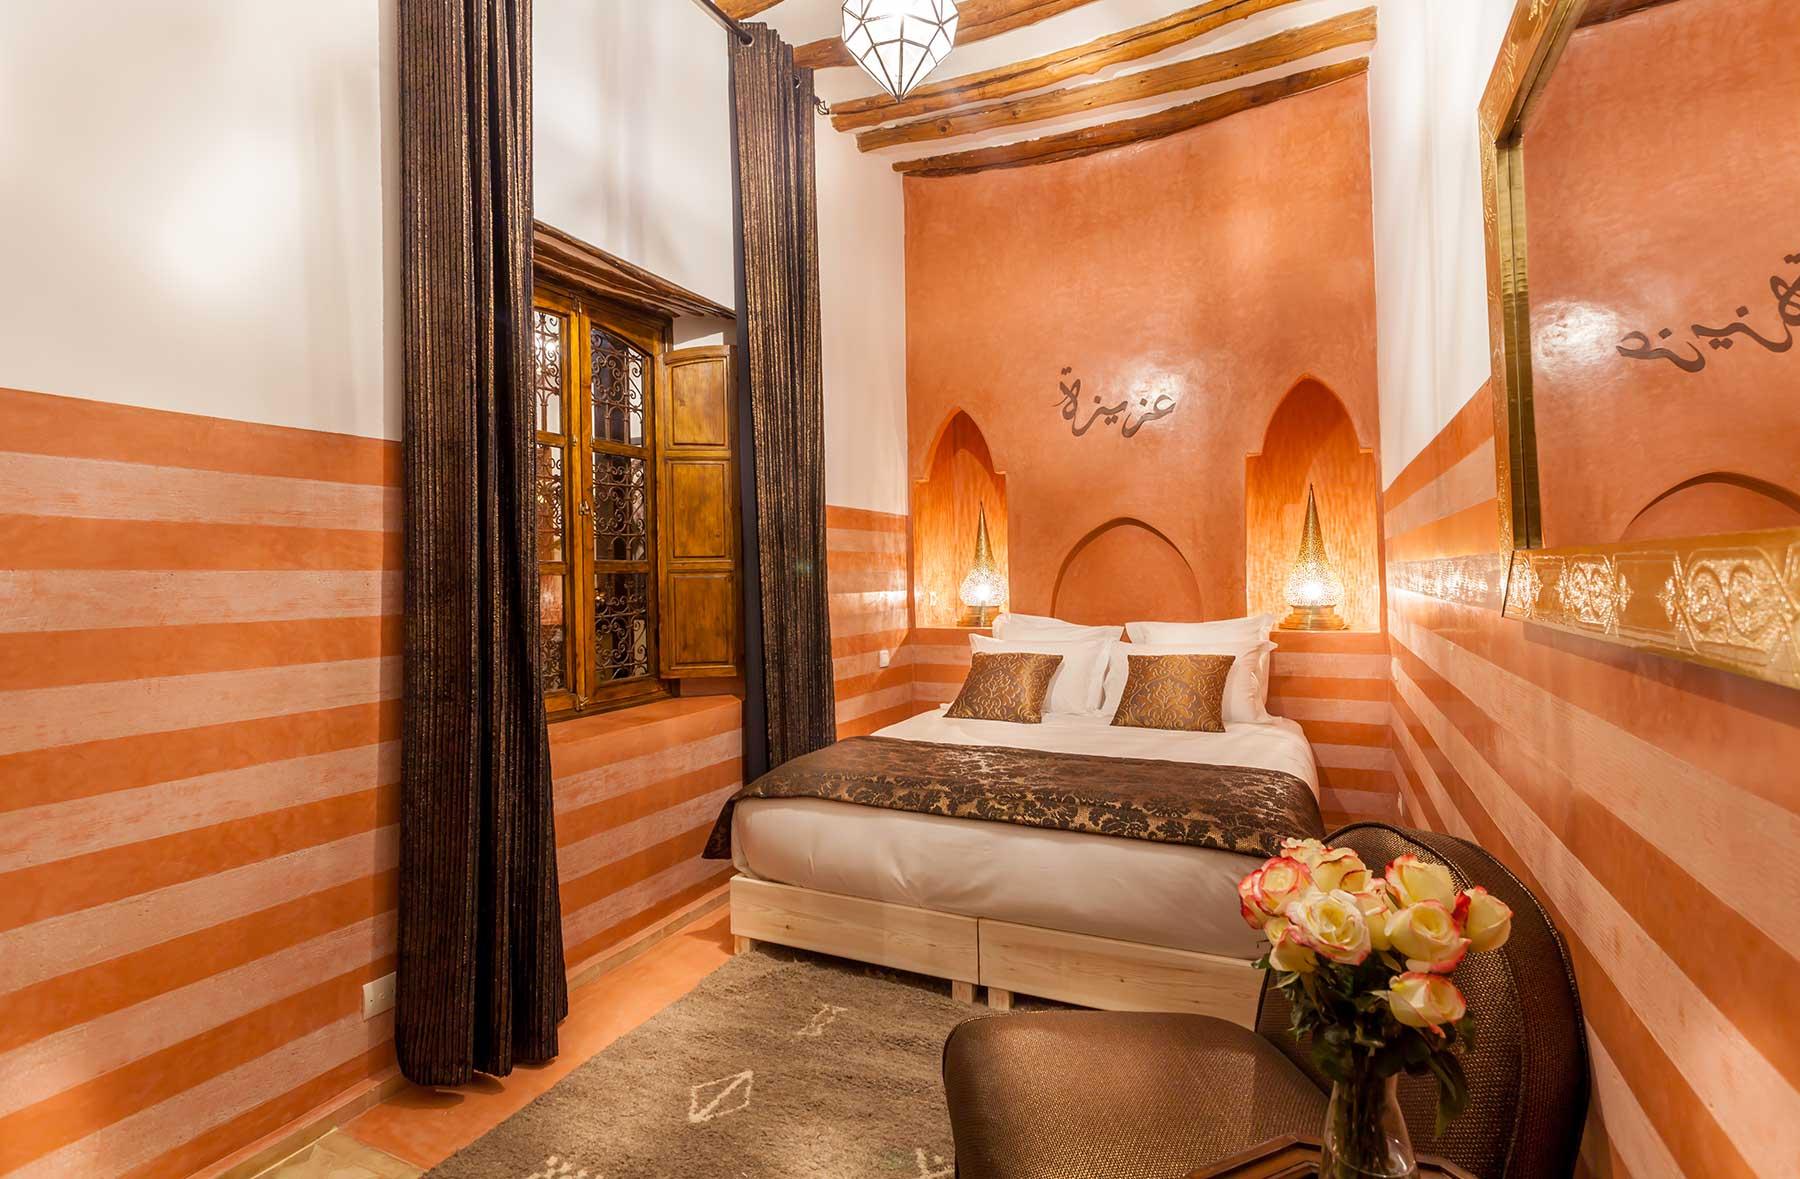 chambre-aziza-riad-dar-yema-5